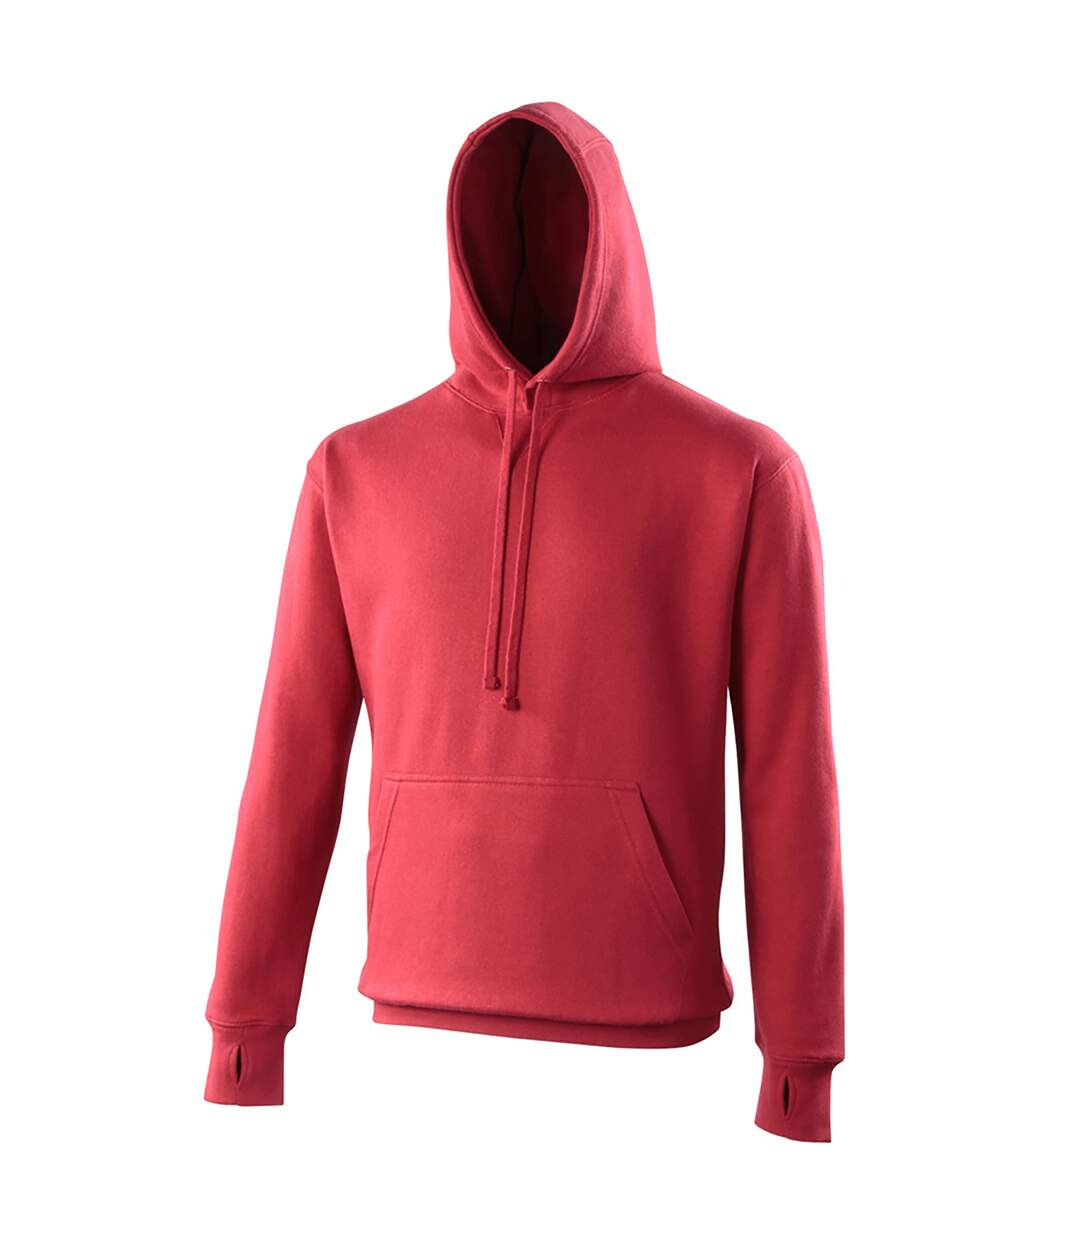 Awdis Mens Street Hooded Sweatshirt / Hoodie (Fire Red) - UTRW170